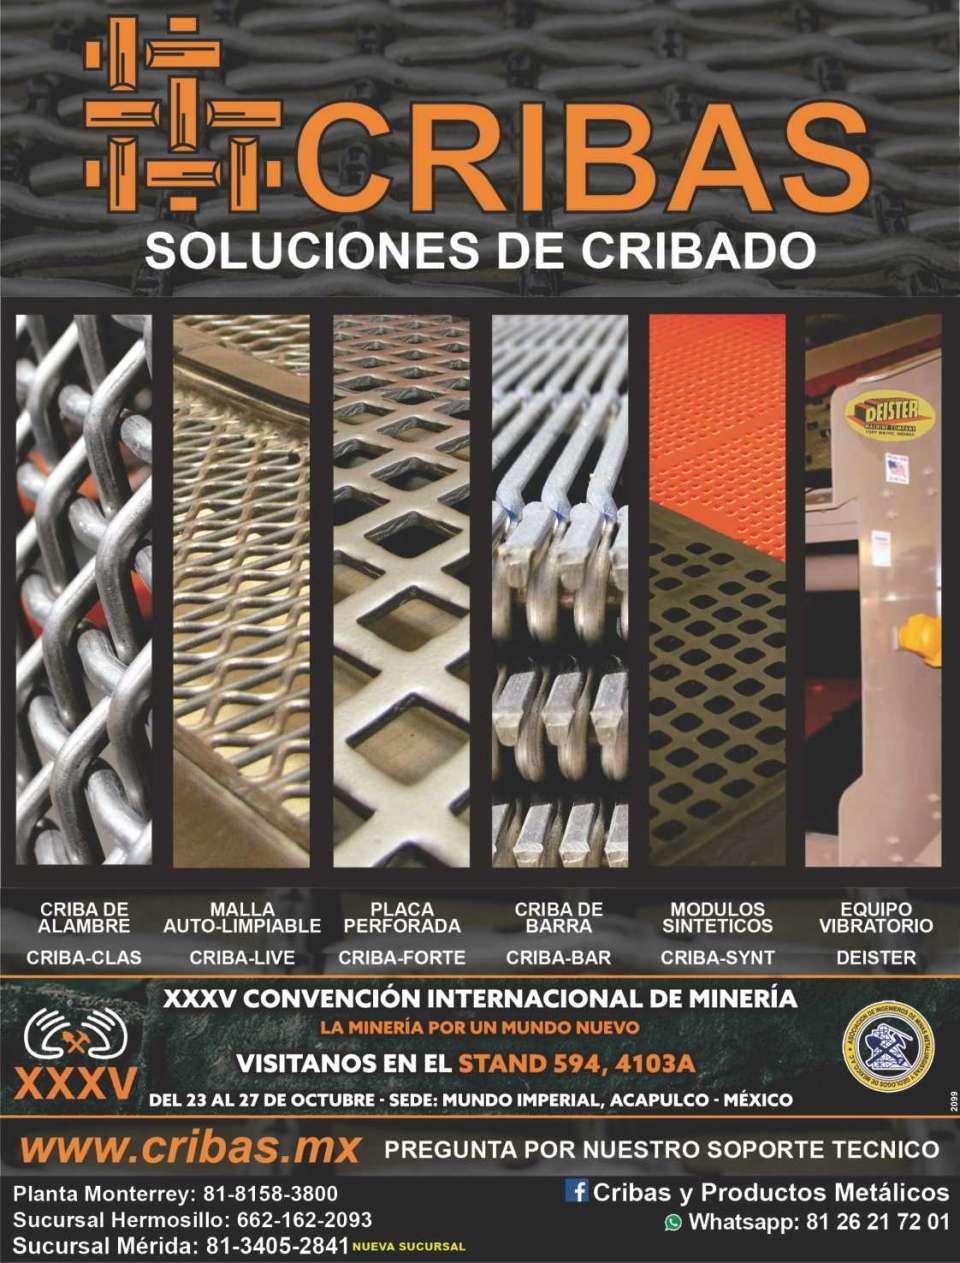 Cribas y Productos Metalicos, cribas de alambre, placa perforada, cribas de barra, cribas de hule y poliuretano, equipos vibratorios